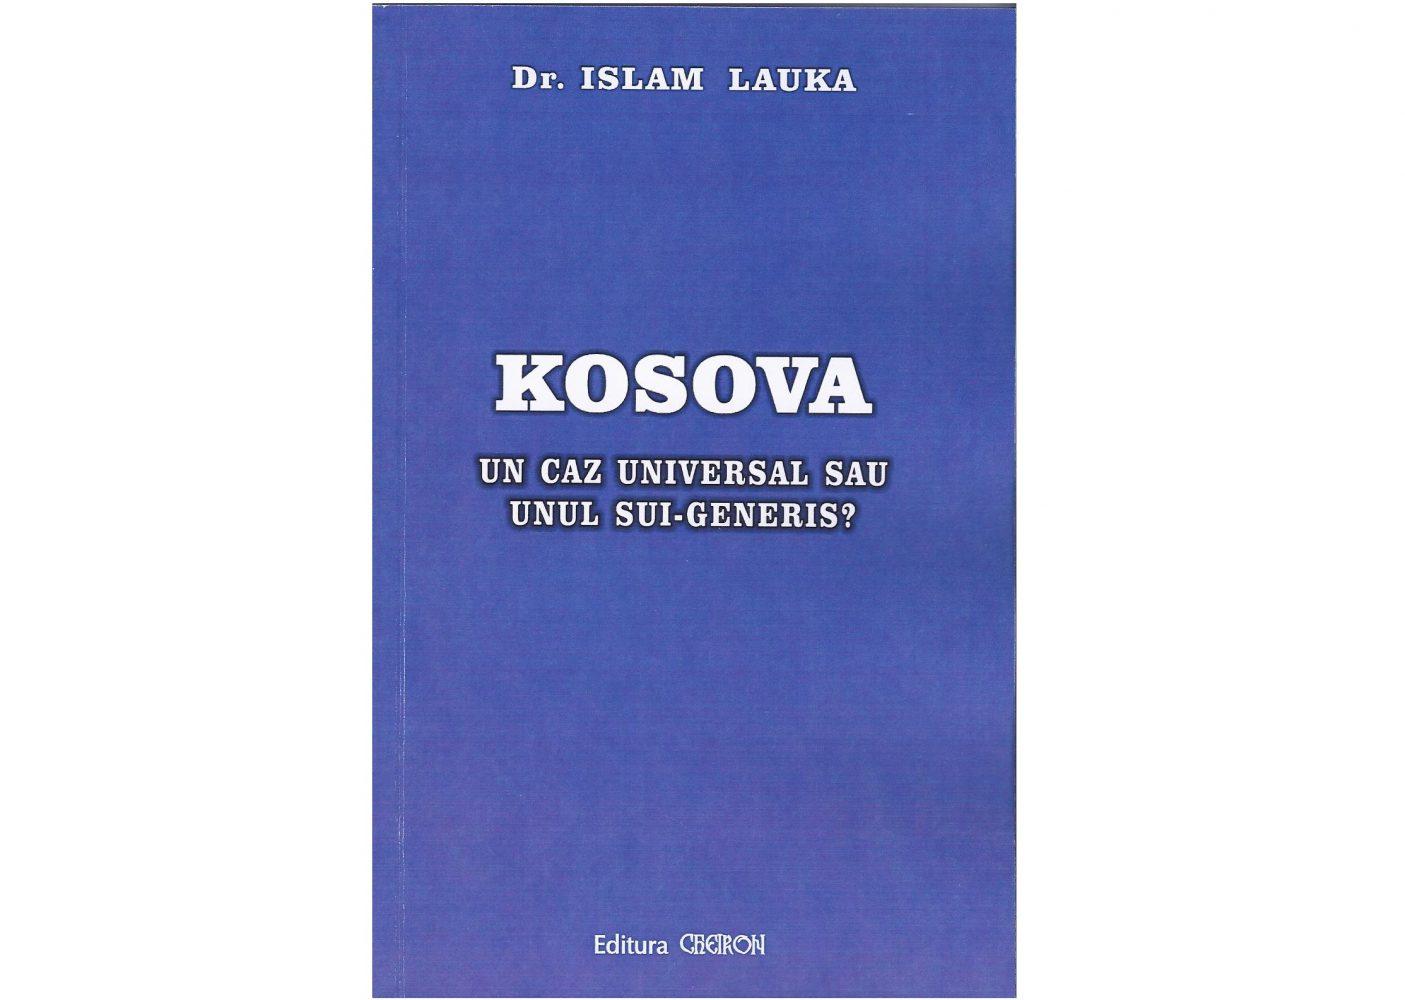 """Lansare volum """"Kosova – un caz universal sau unul sui-generis?"""" de dr. Islam Lauka"""